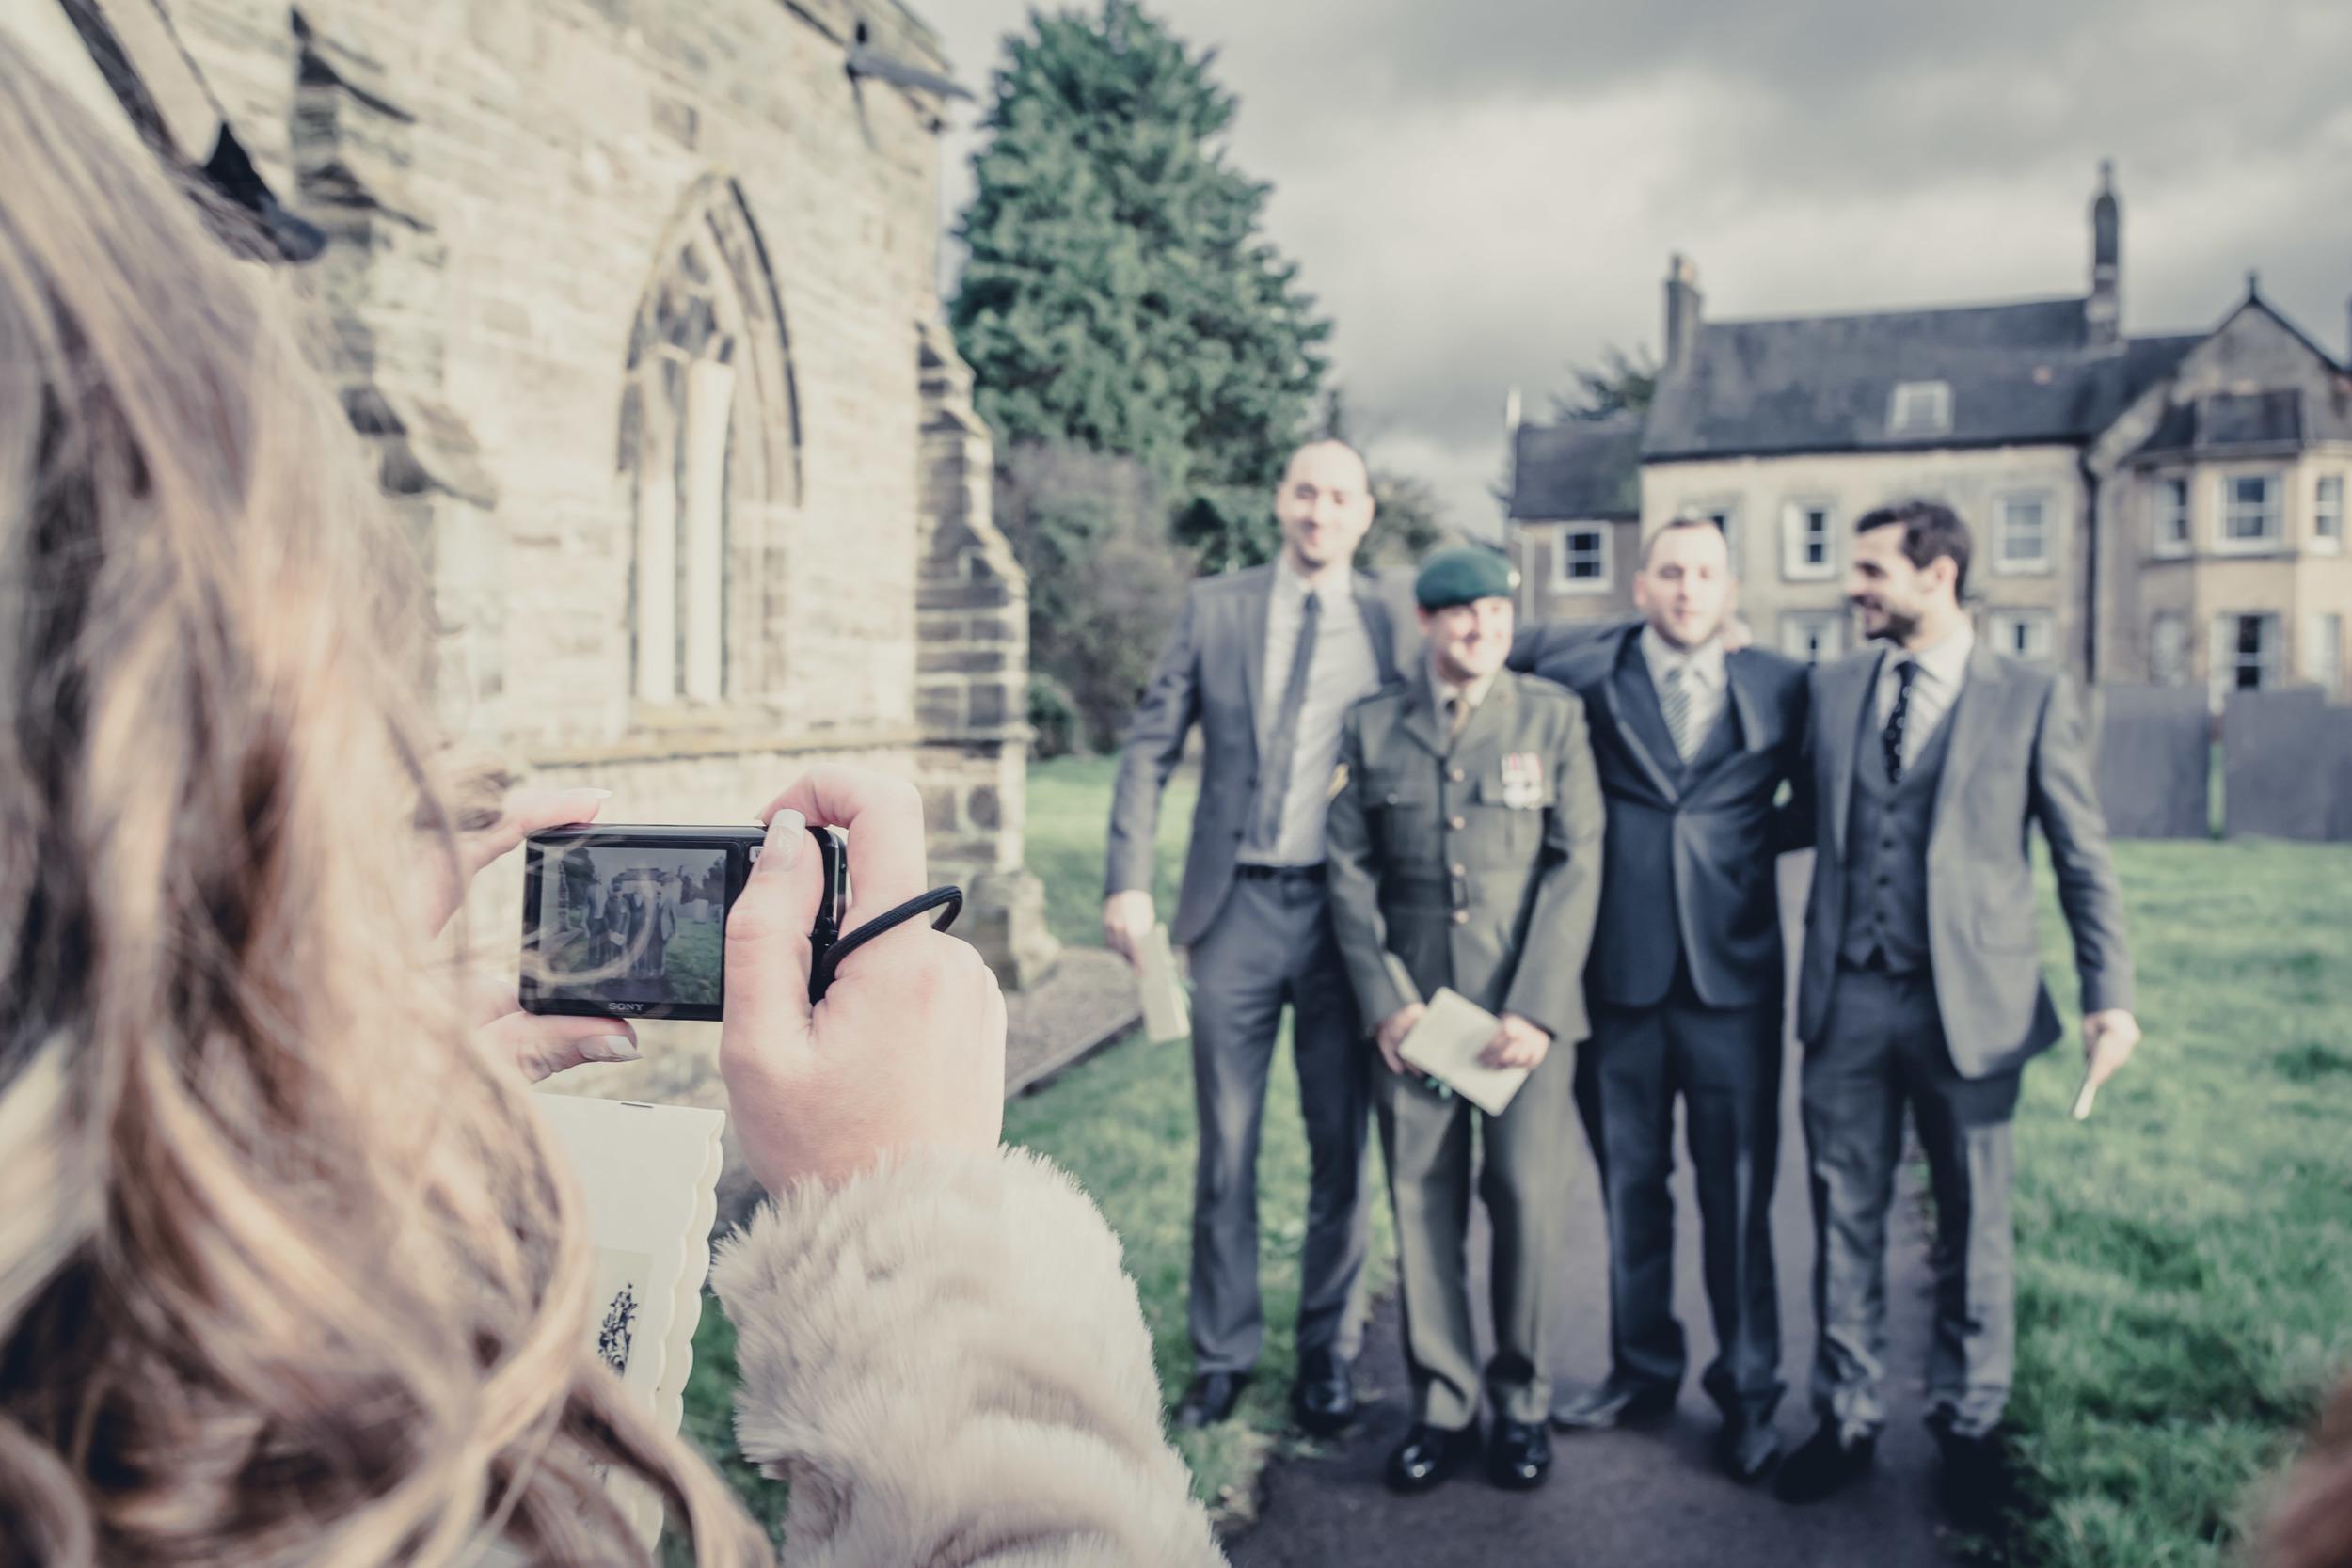 007 - Angela and Karls Wedding by www.markpugh.com -6589.jpg